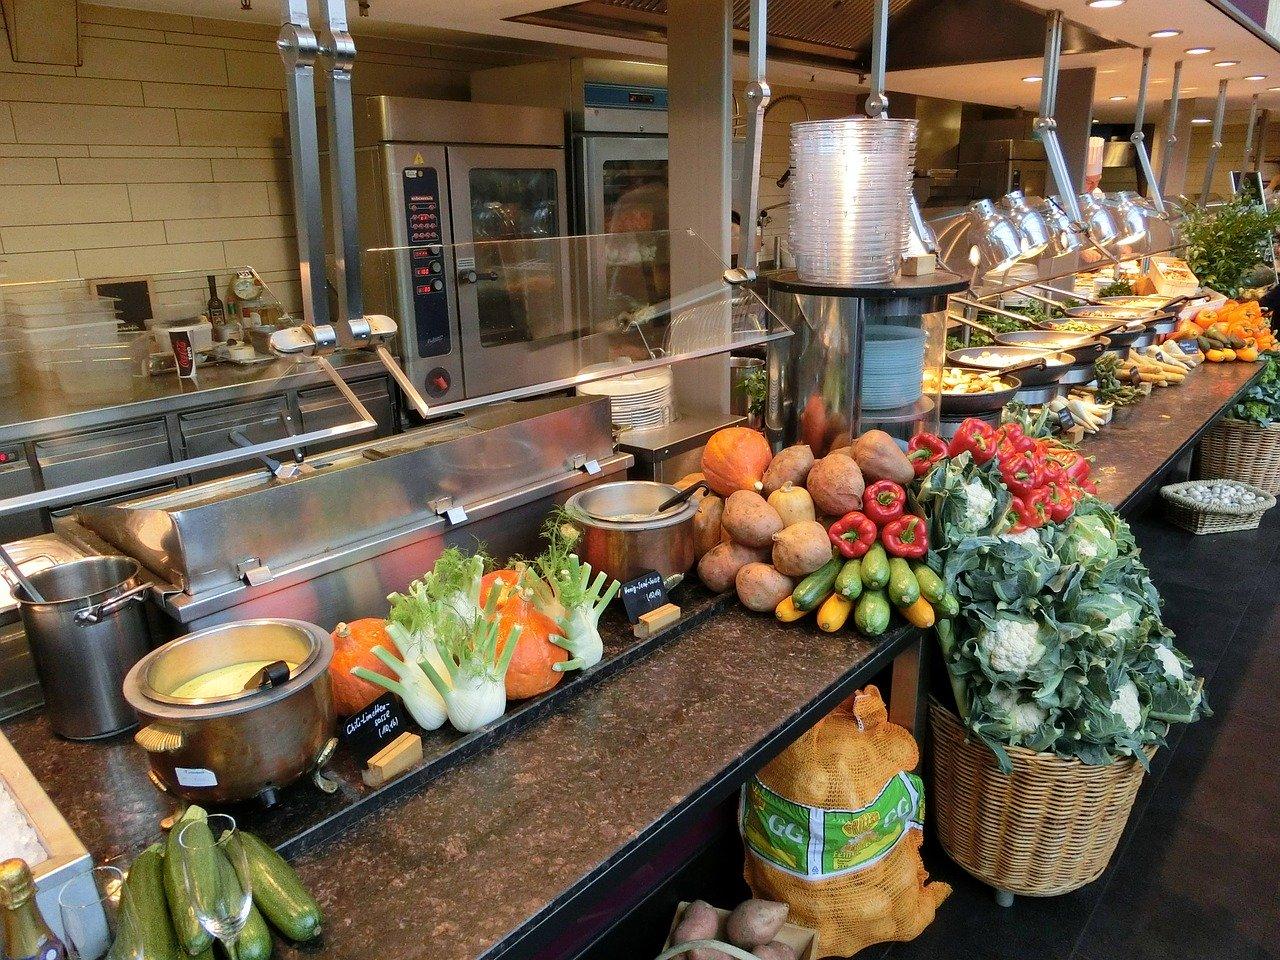 飲食店開業 立地選定で商圏調査は信じるな